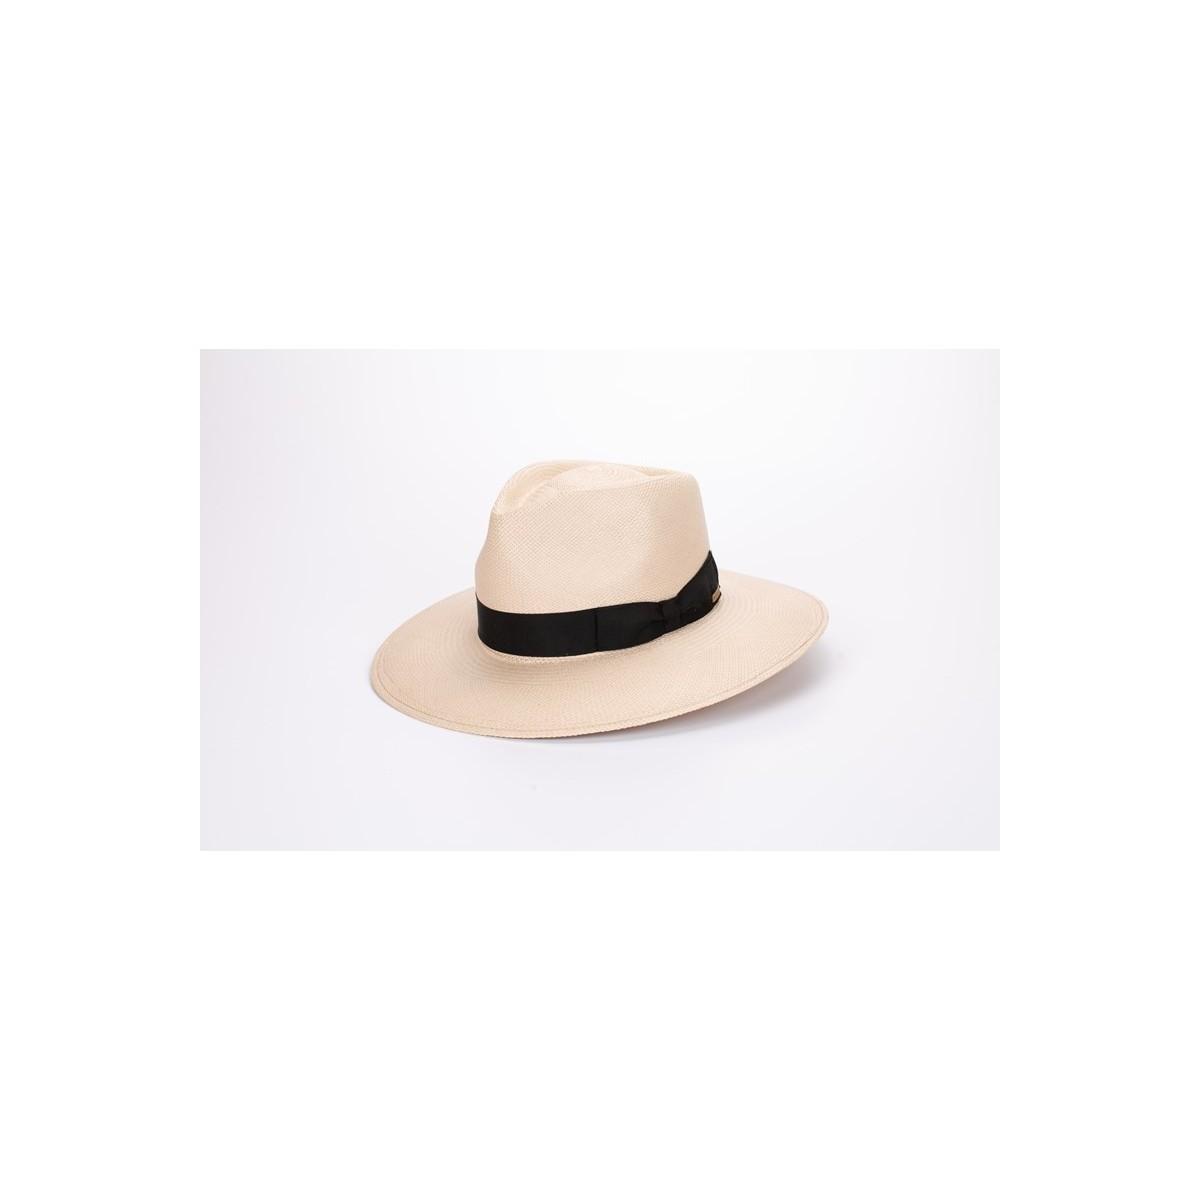 Galo sombrero de hombre panamá estilo traveller color nude y cinta negra. Fernández y Roche